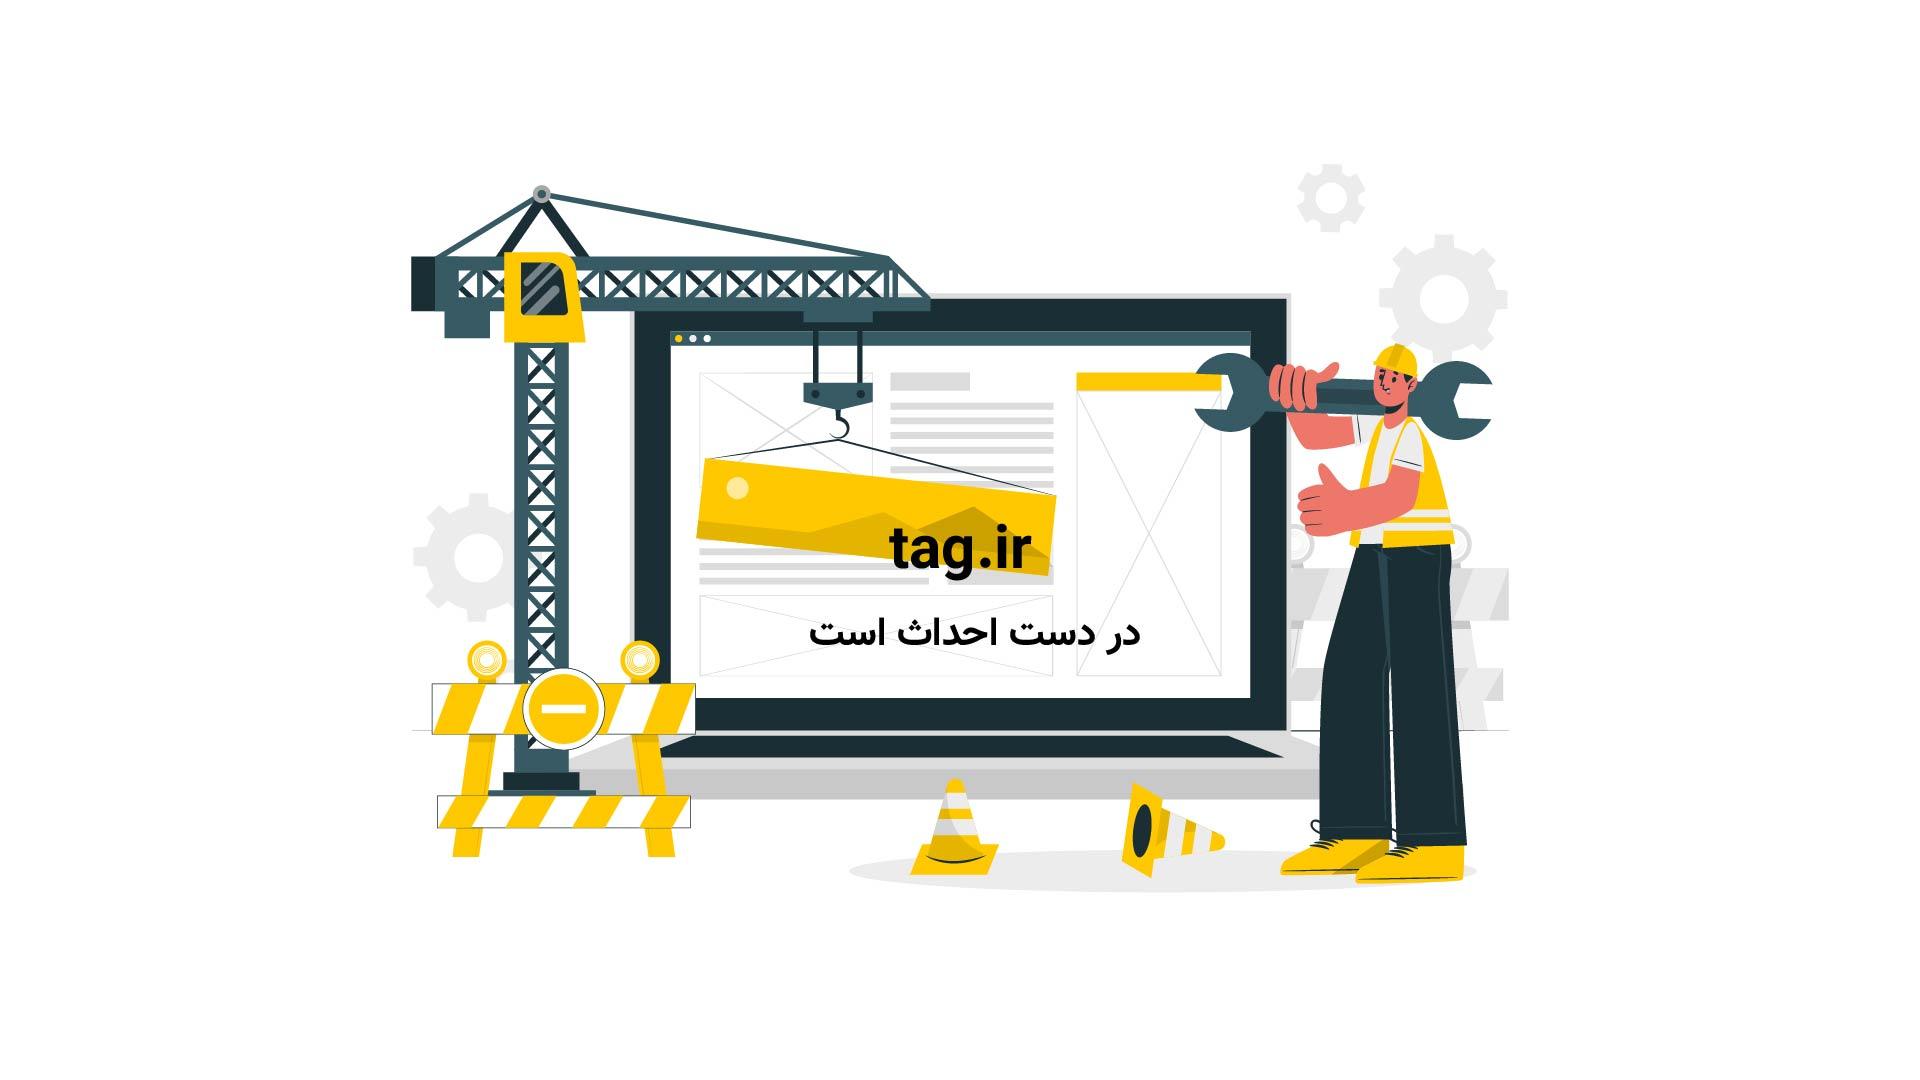 فیلم رقص کردی باشگاه جوانان مکریان مهاباد در خندوانه